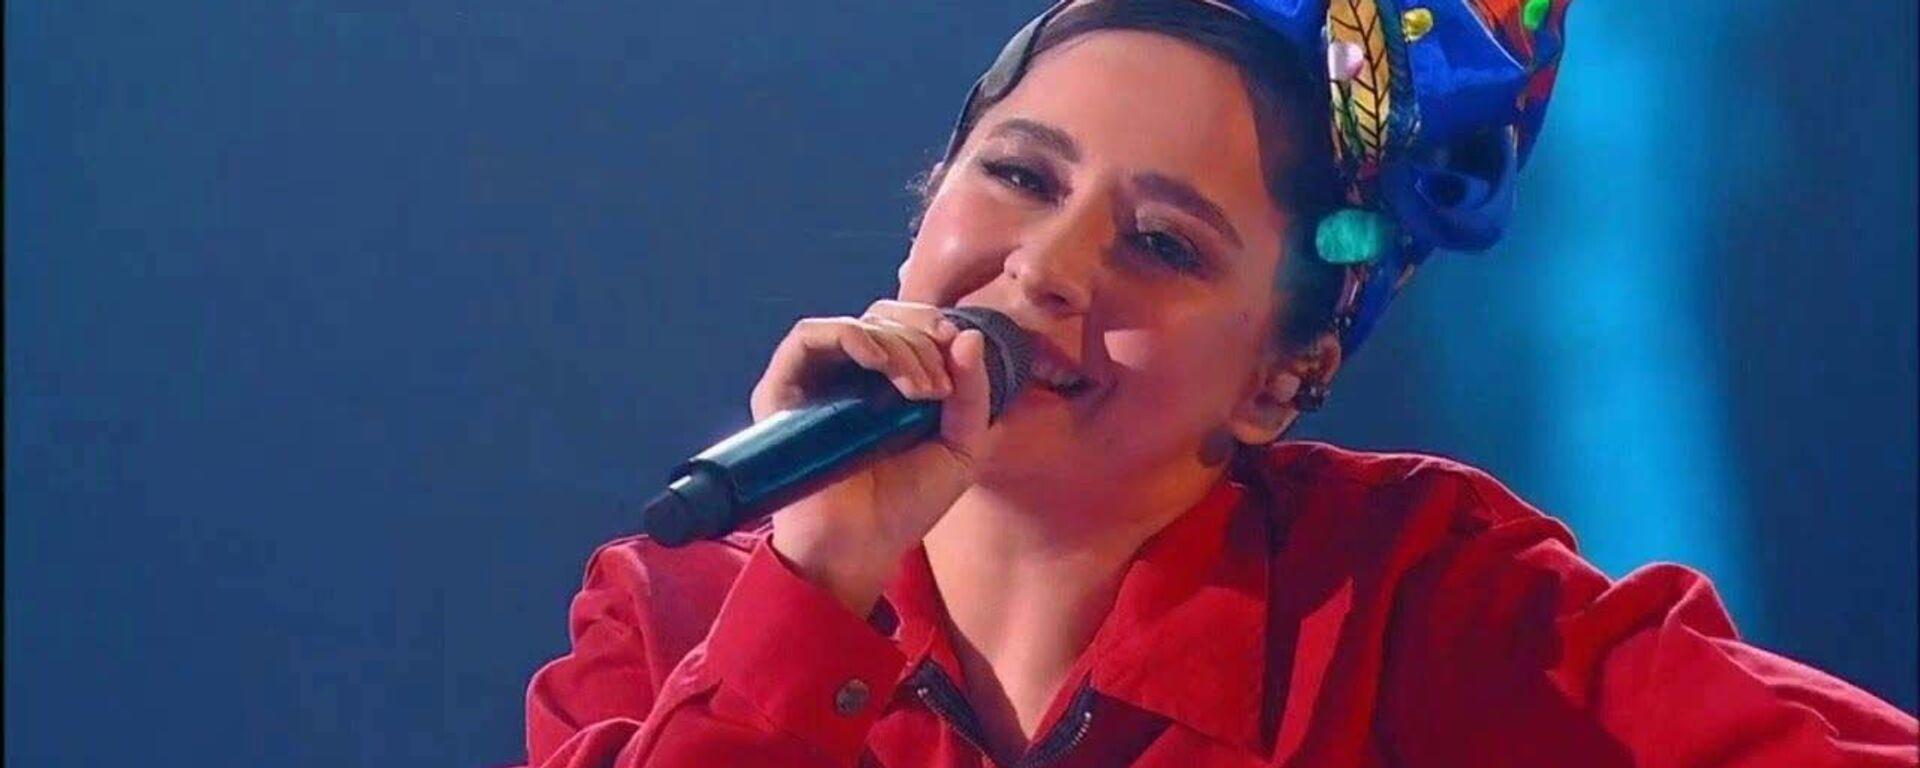 Певица Manizha - Sputnik Таджикистан, 1920, 18.03.2021